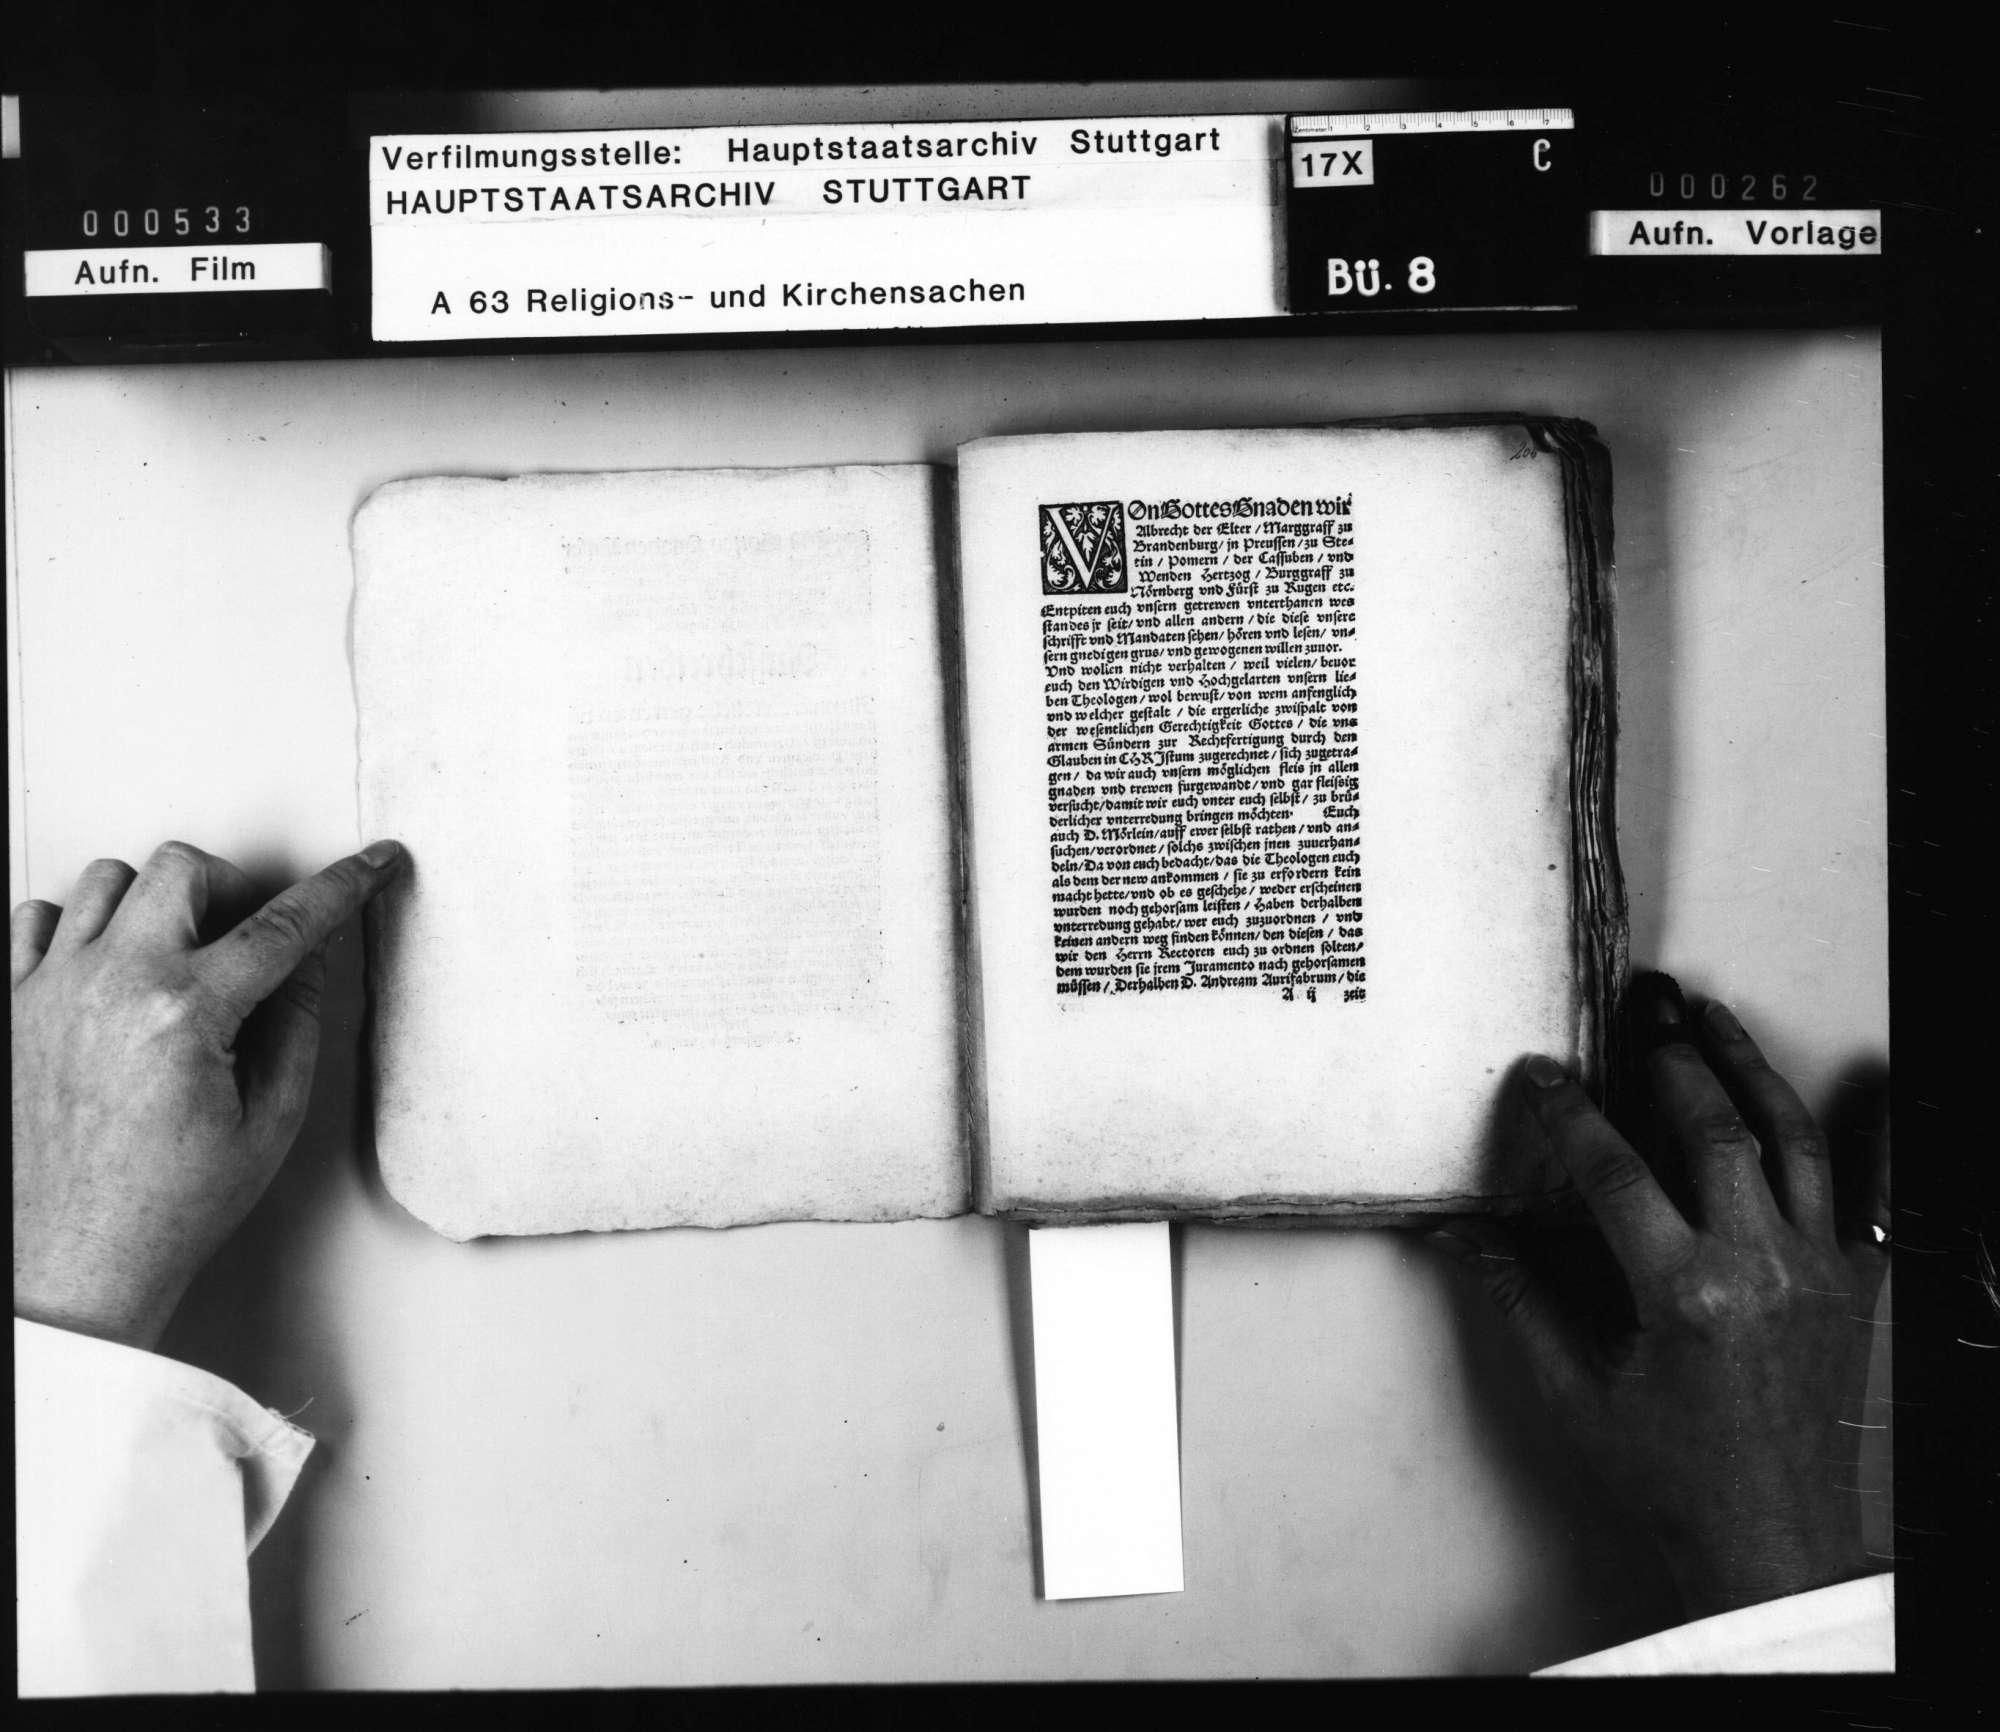 Einberufung der namhaften (brandenburg-preussischen) Theologen des Landes an der Universität Königsberg auf die Königsberger Versammlung auf den 11. Februar 1551 durch Markgraf Albrecht zu Brandenburg [..]., Bild 2